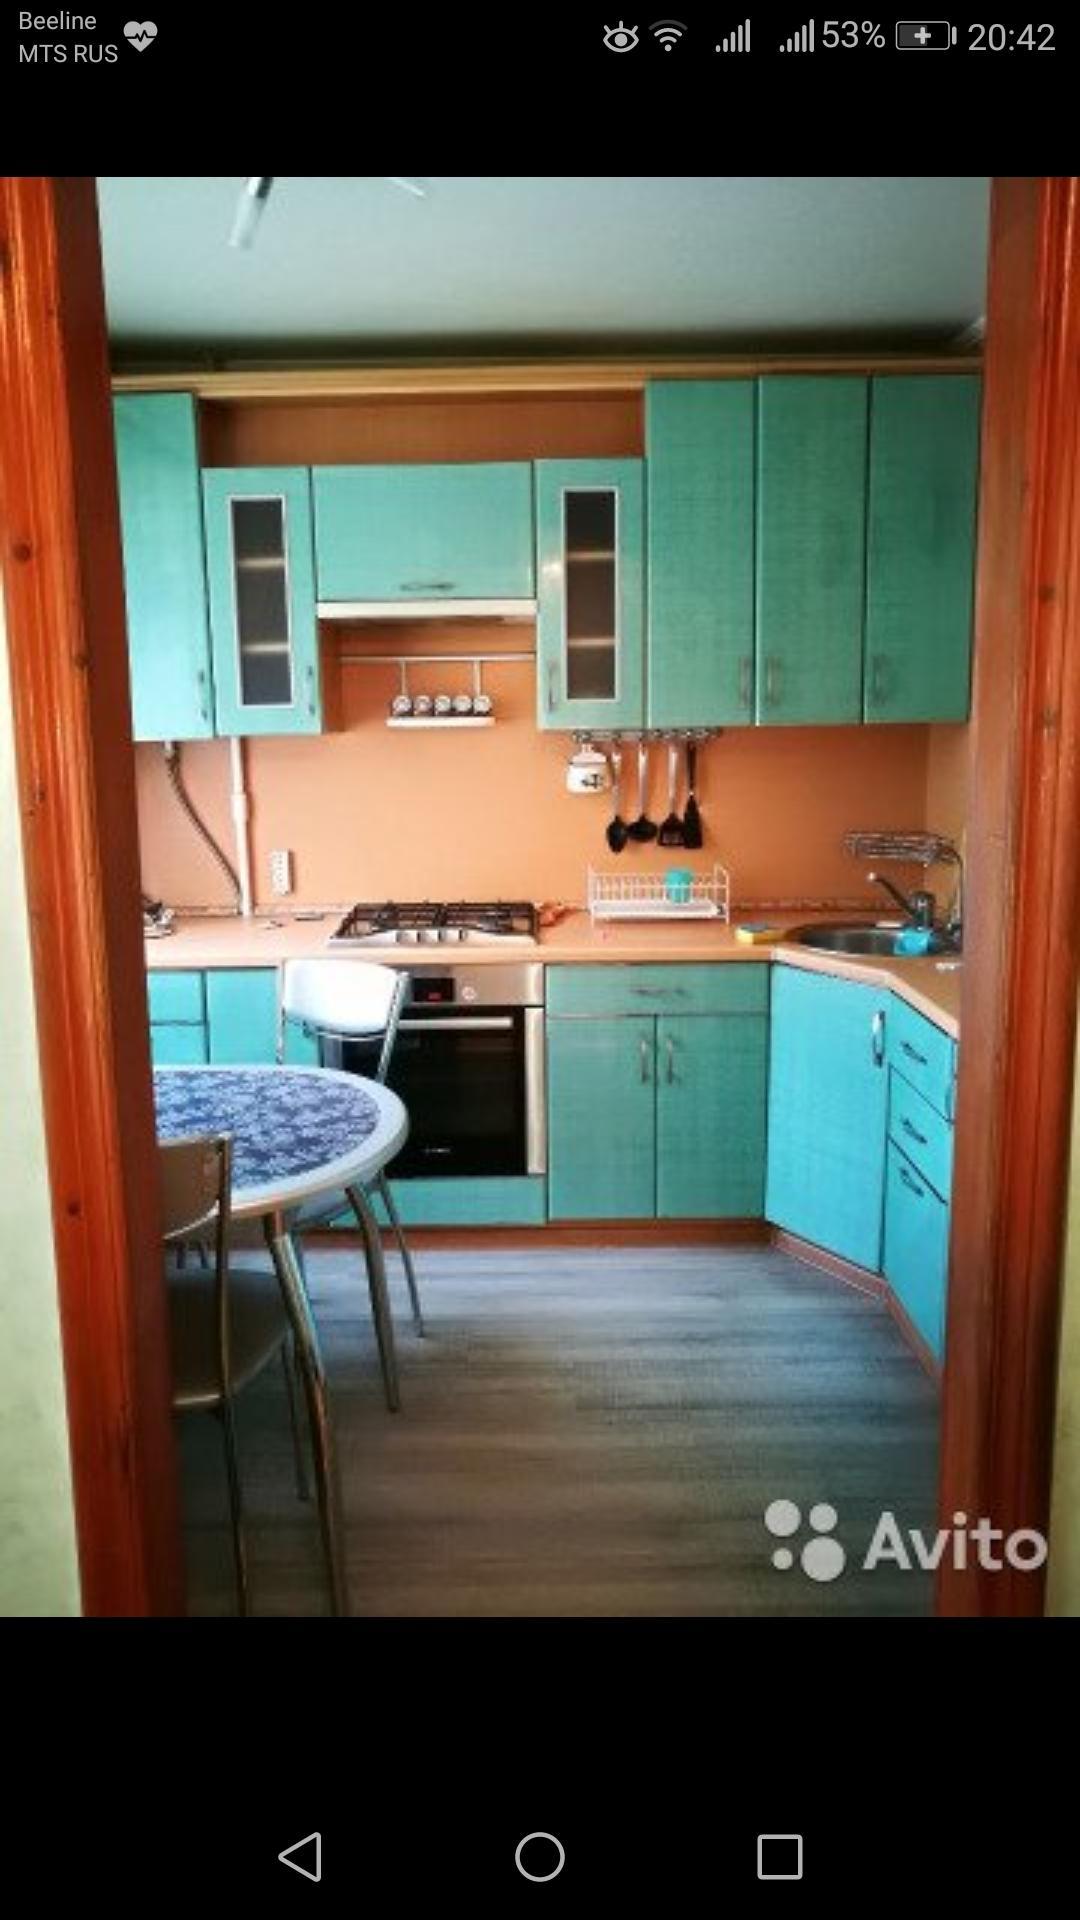 Квартира, 3 комнаты, 57.6 м² в Мытищах 89030184441 купить 6